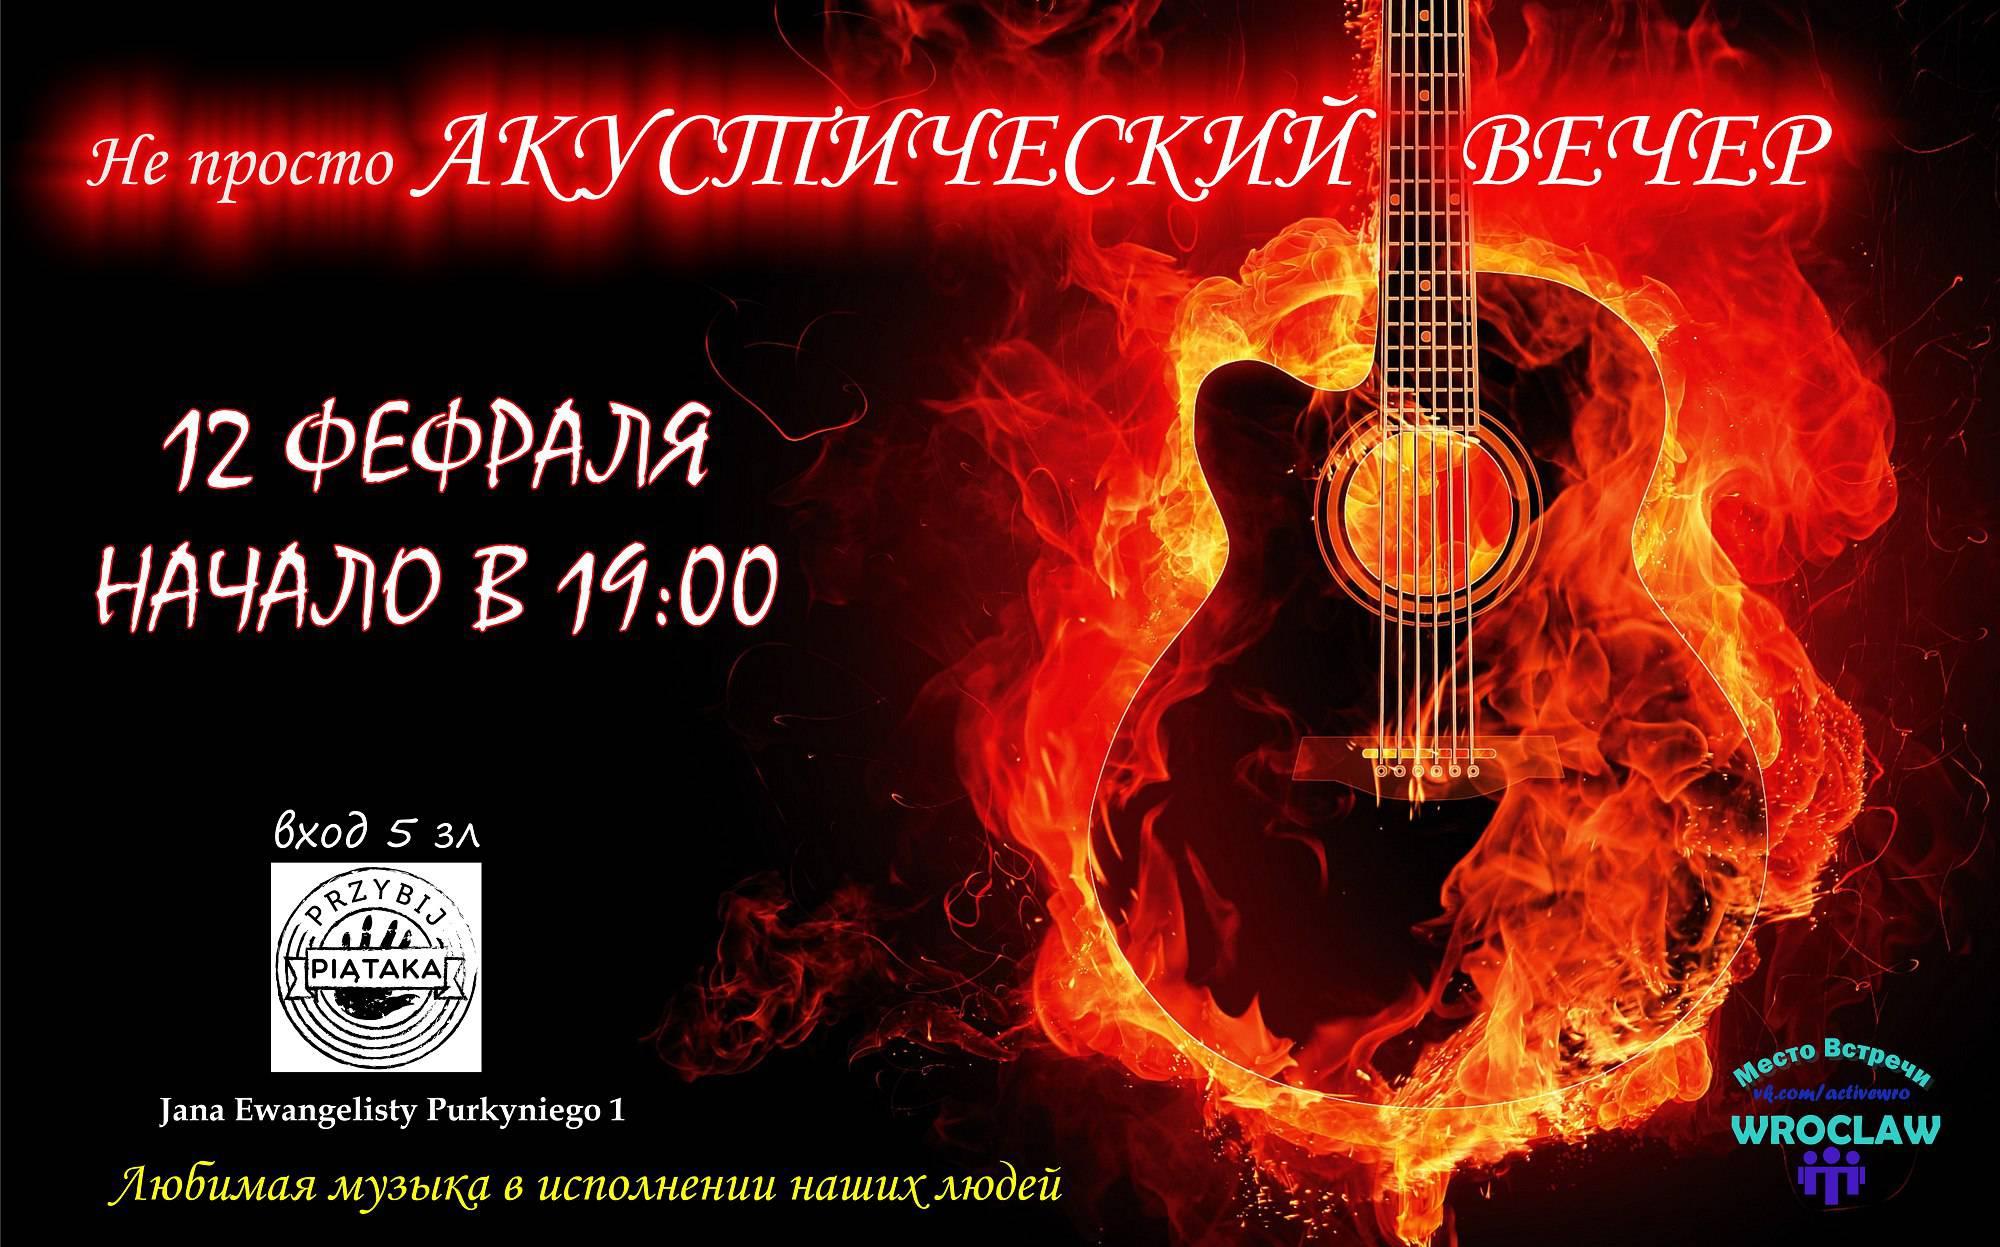 Во Вроцлаве пройдет концерт акустической музыки